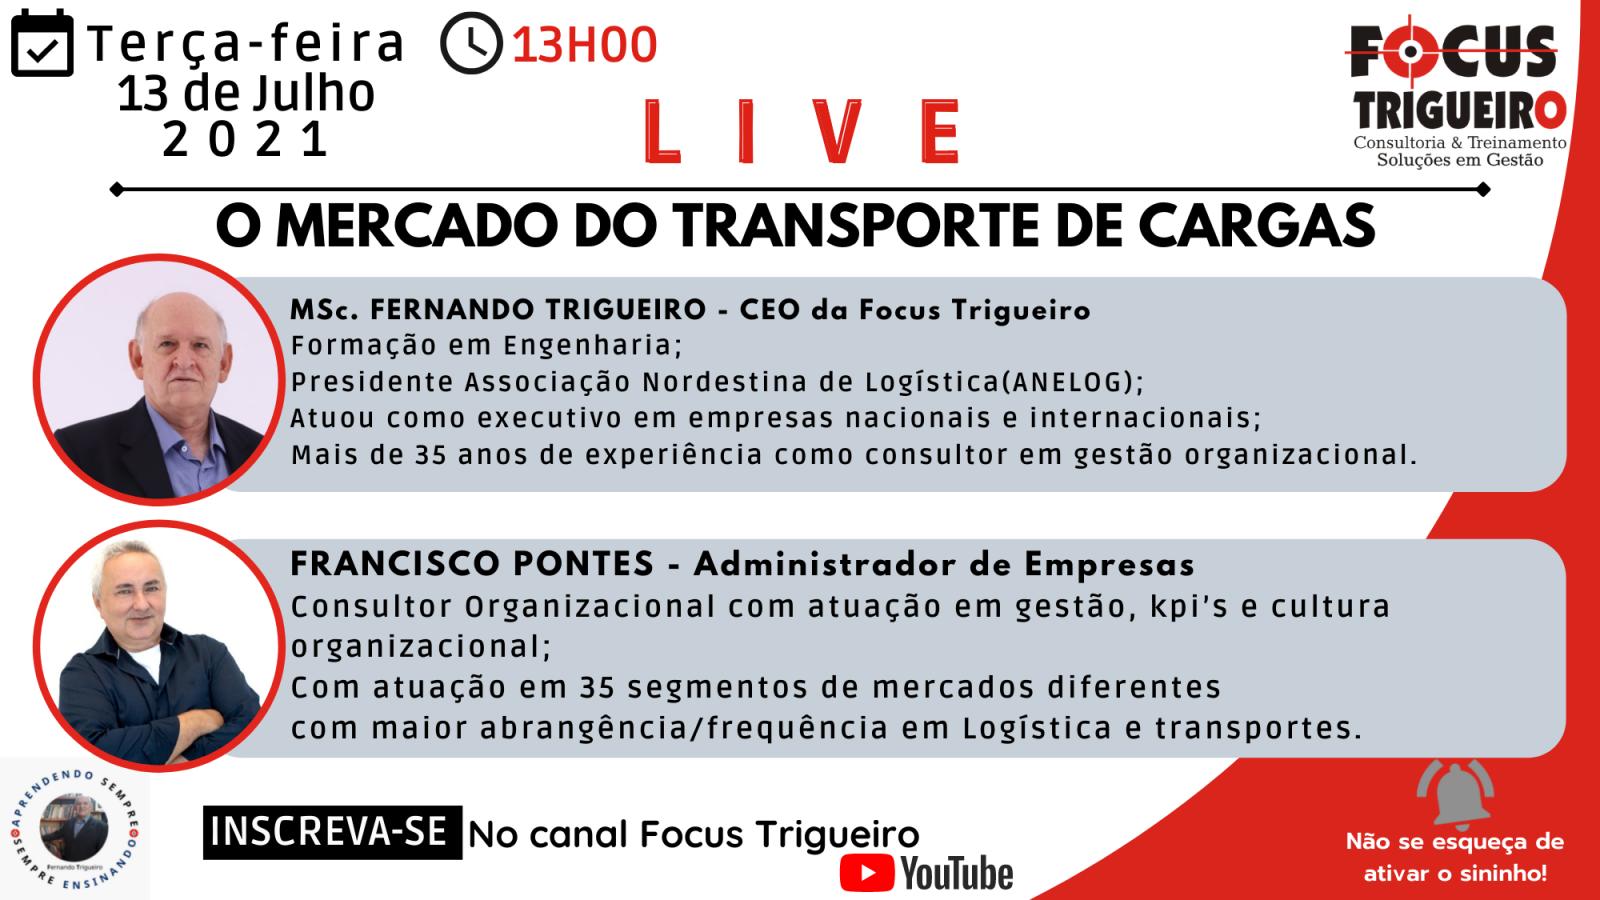 LIVE - O MERCADO DO TRANSPORTE DE CARGAS(13/08/2021)